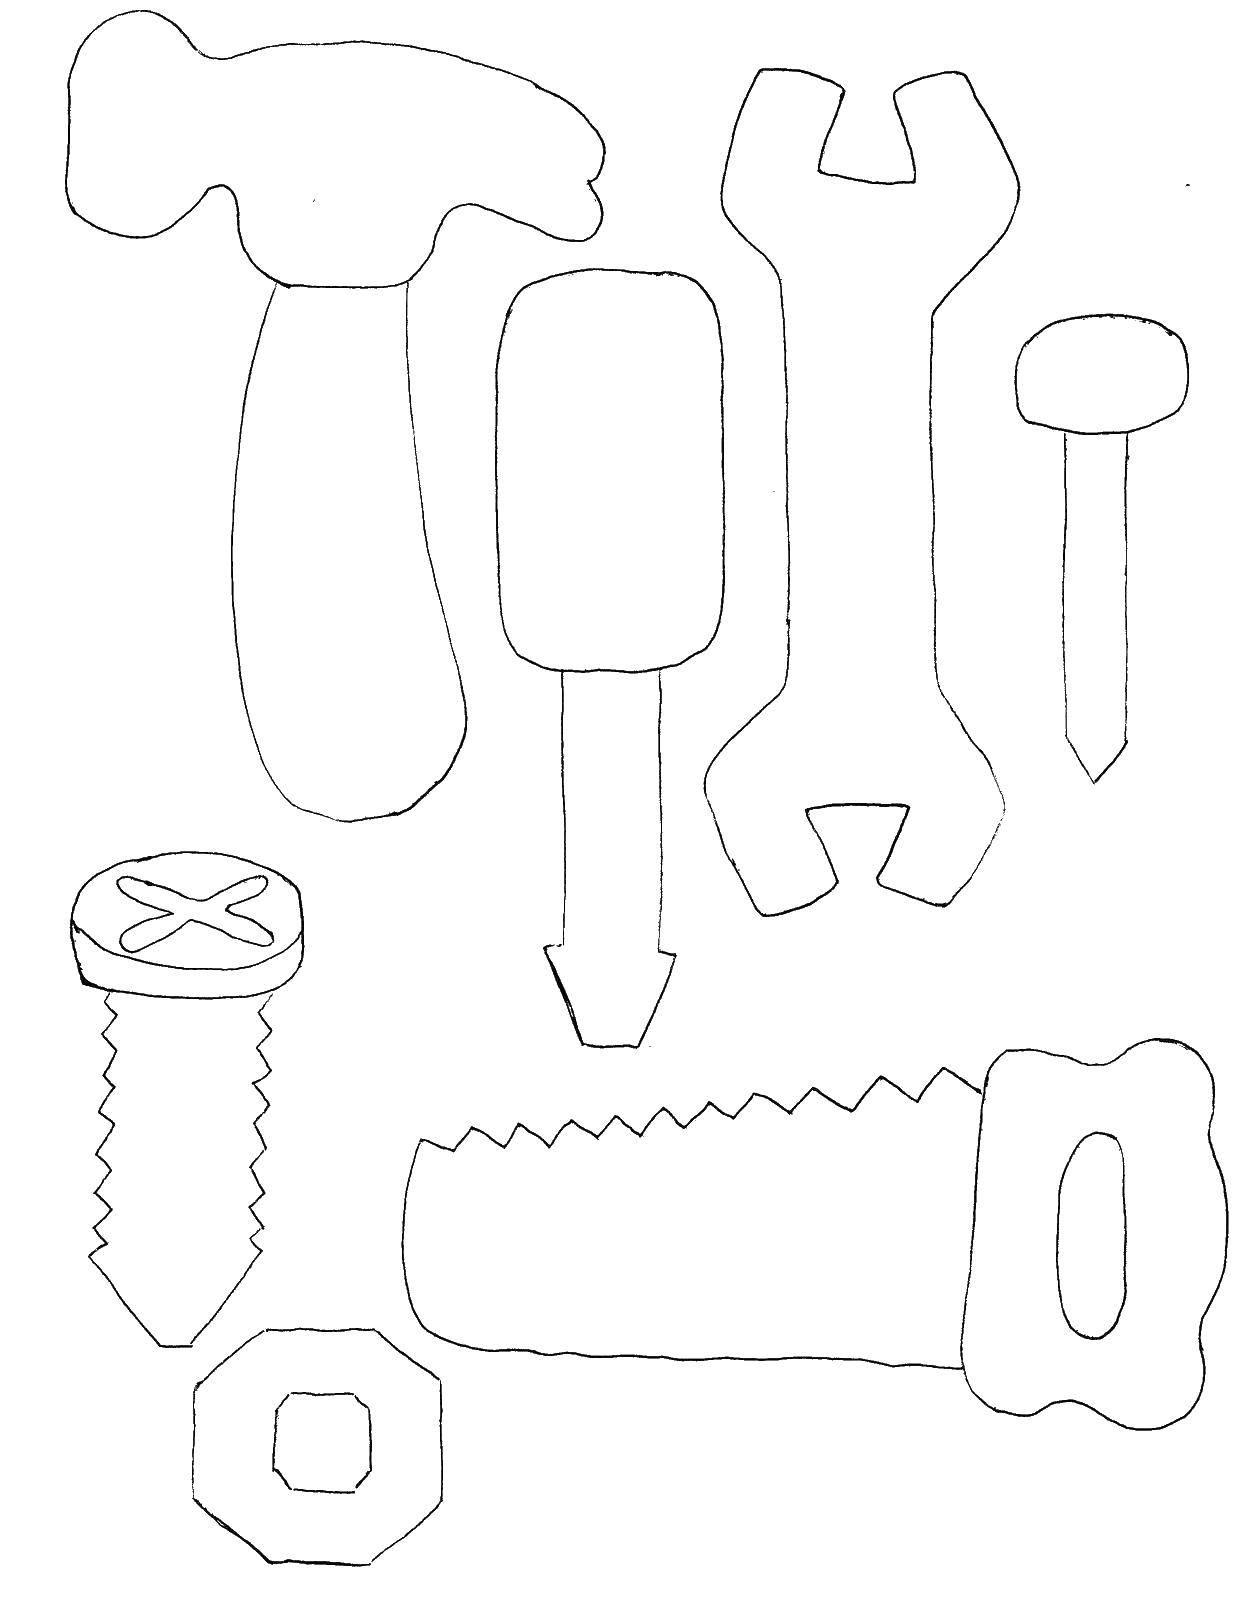 Раскраска Строительные инструменты Скачать Строитель, инструменты, стройка.  Распечатать ,молоток,